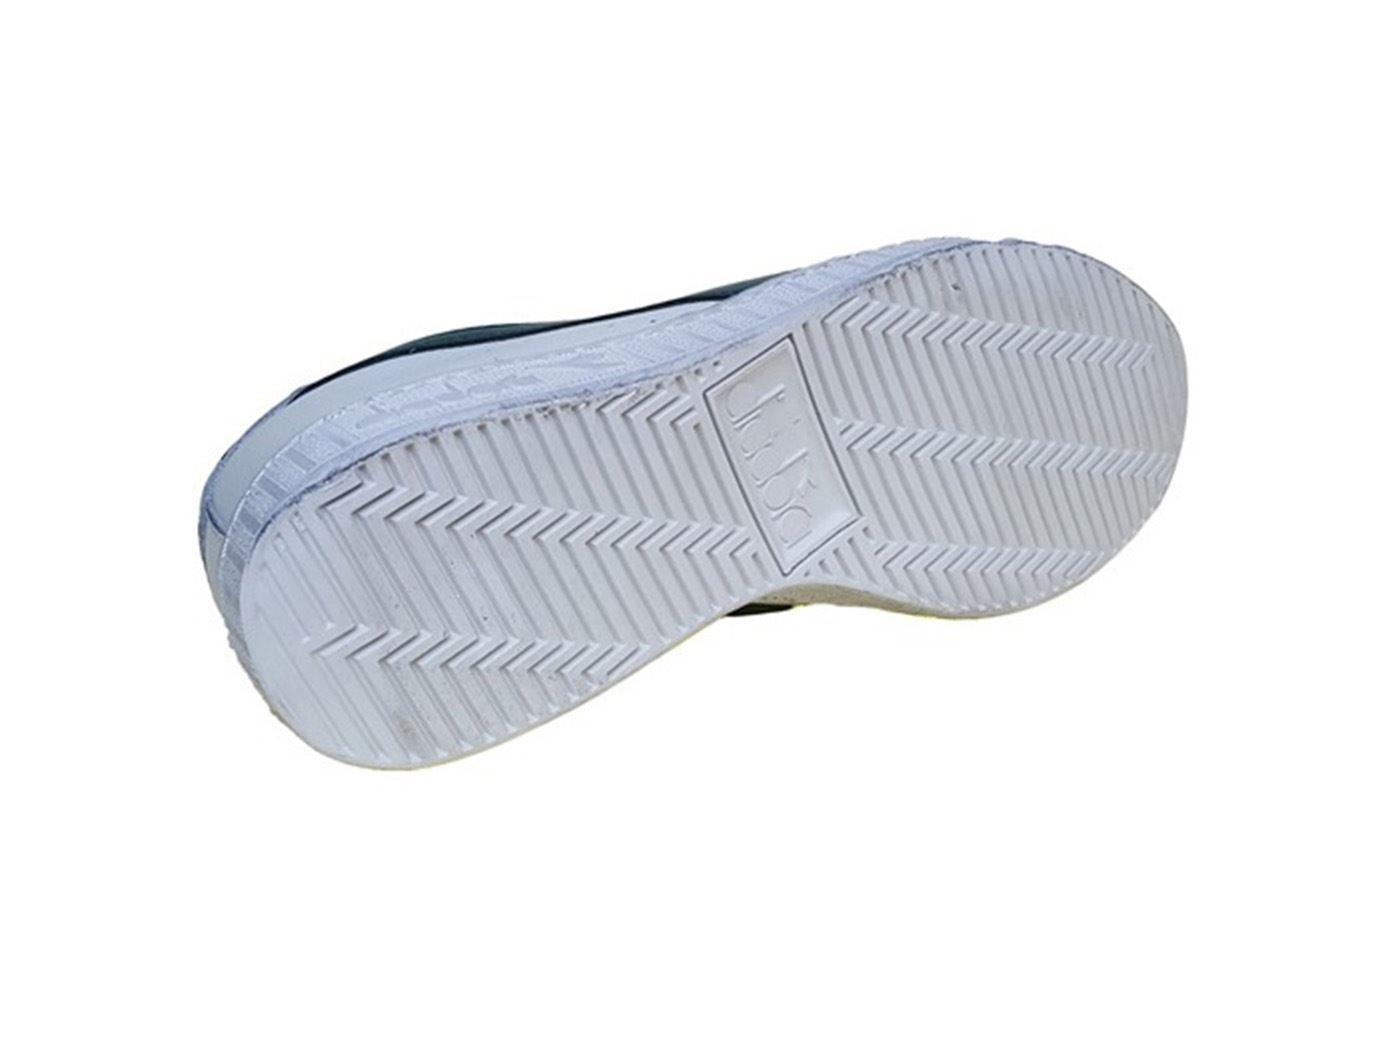 DIADORA DIADORA DIADORA GAME LOW WAXED  501.160821 01 C1161 scarpe da ginnastica  MainApps dbeabc